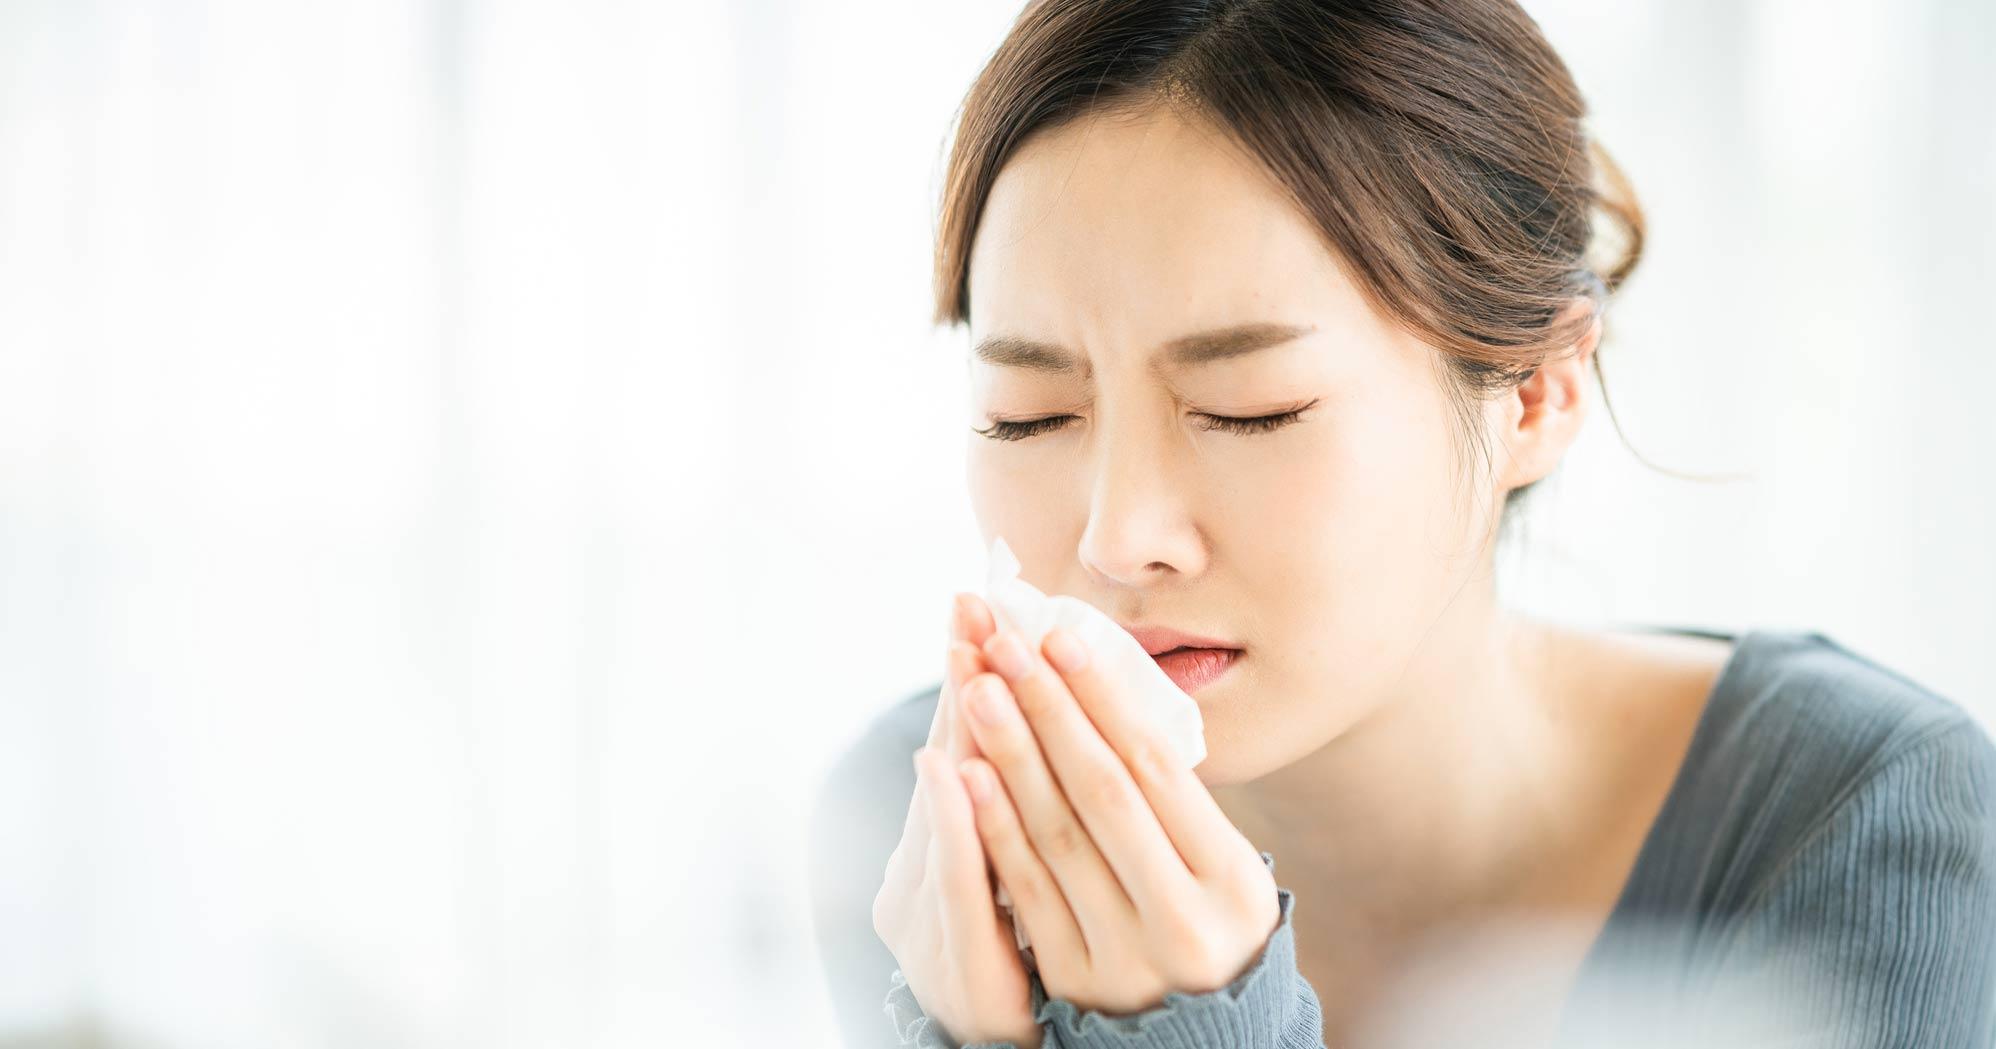 「花粉症薬が保険適用外に」医療費約600億円削減でも現役医師が困る理由とは?